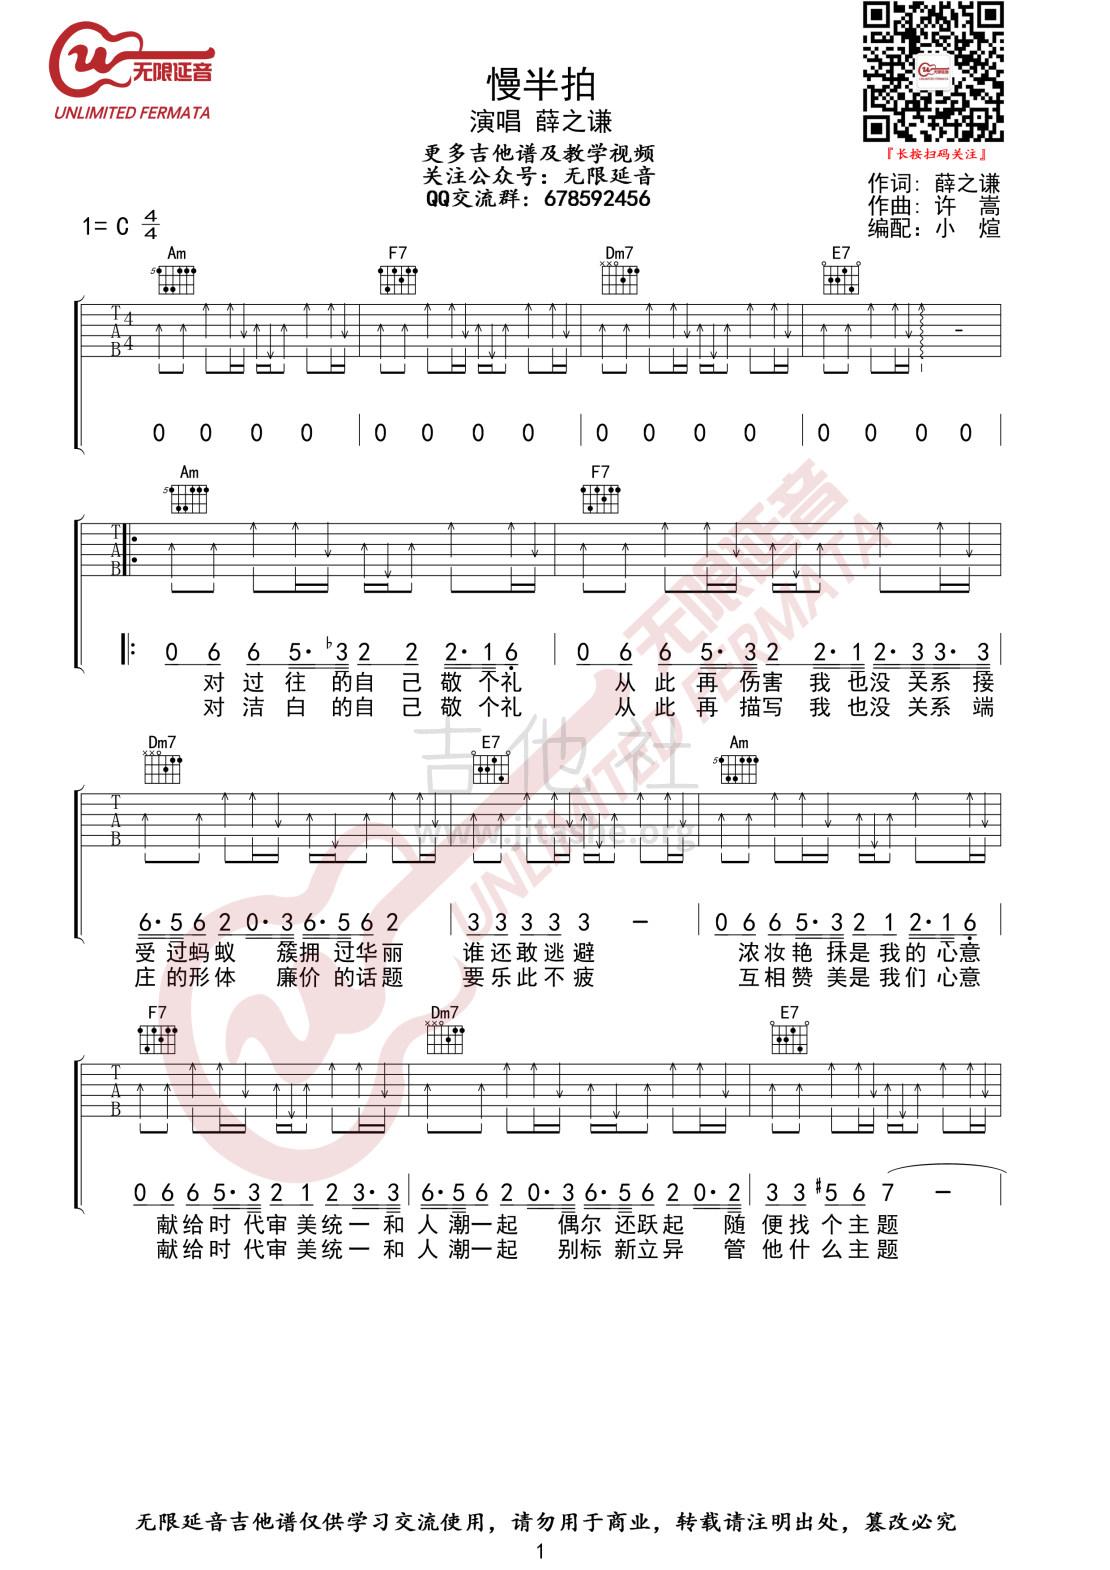 慢半拍( 无限延音编配)吉他谱(图片谱,C调,弹唱)_薛之谦_慢半拍01.jpg